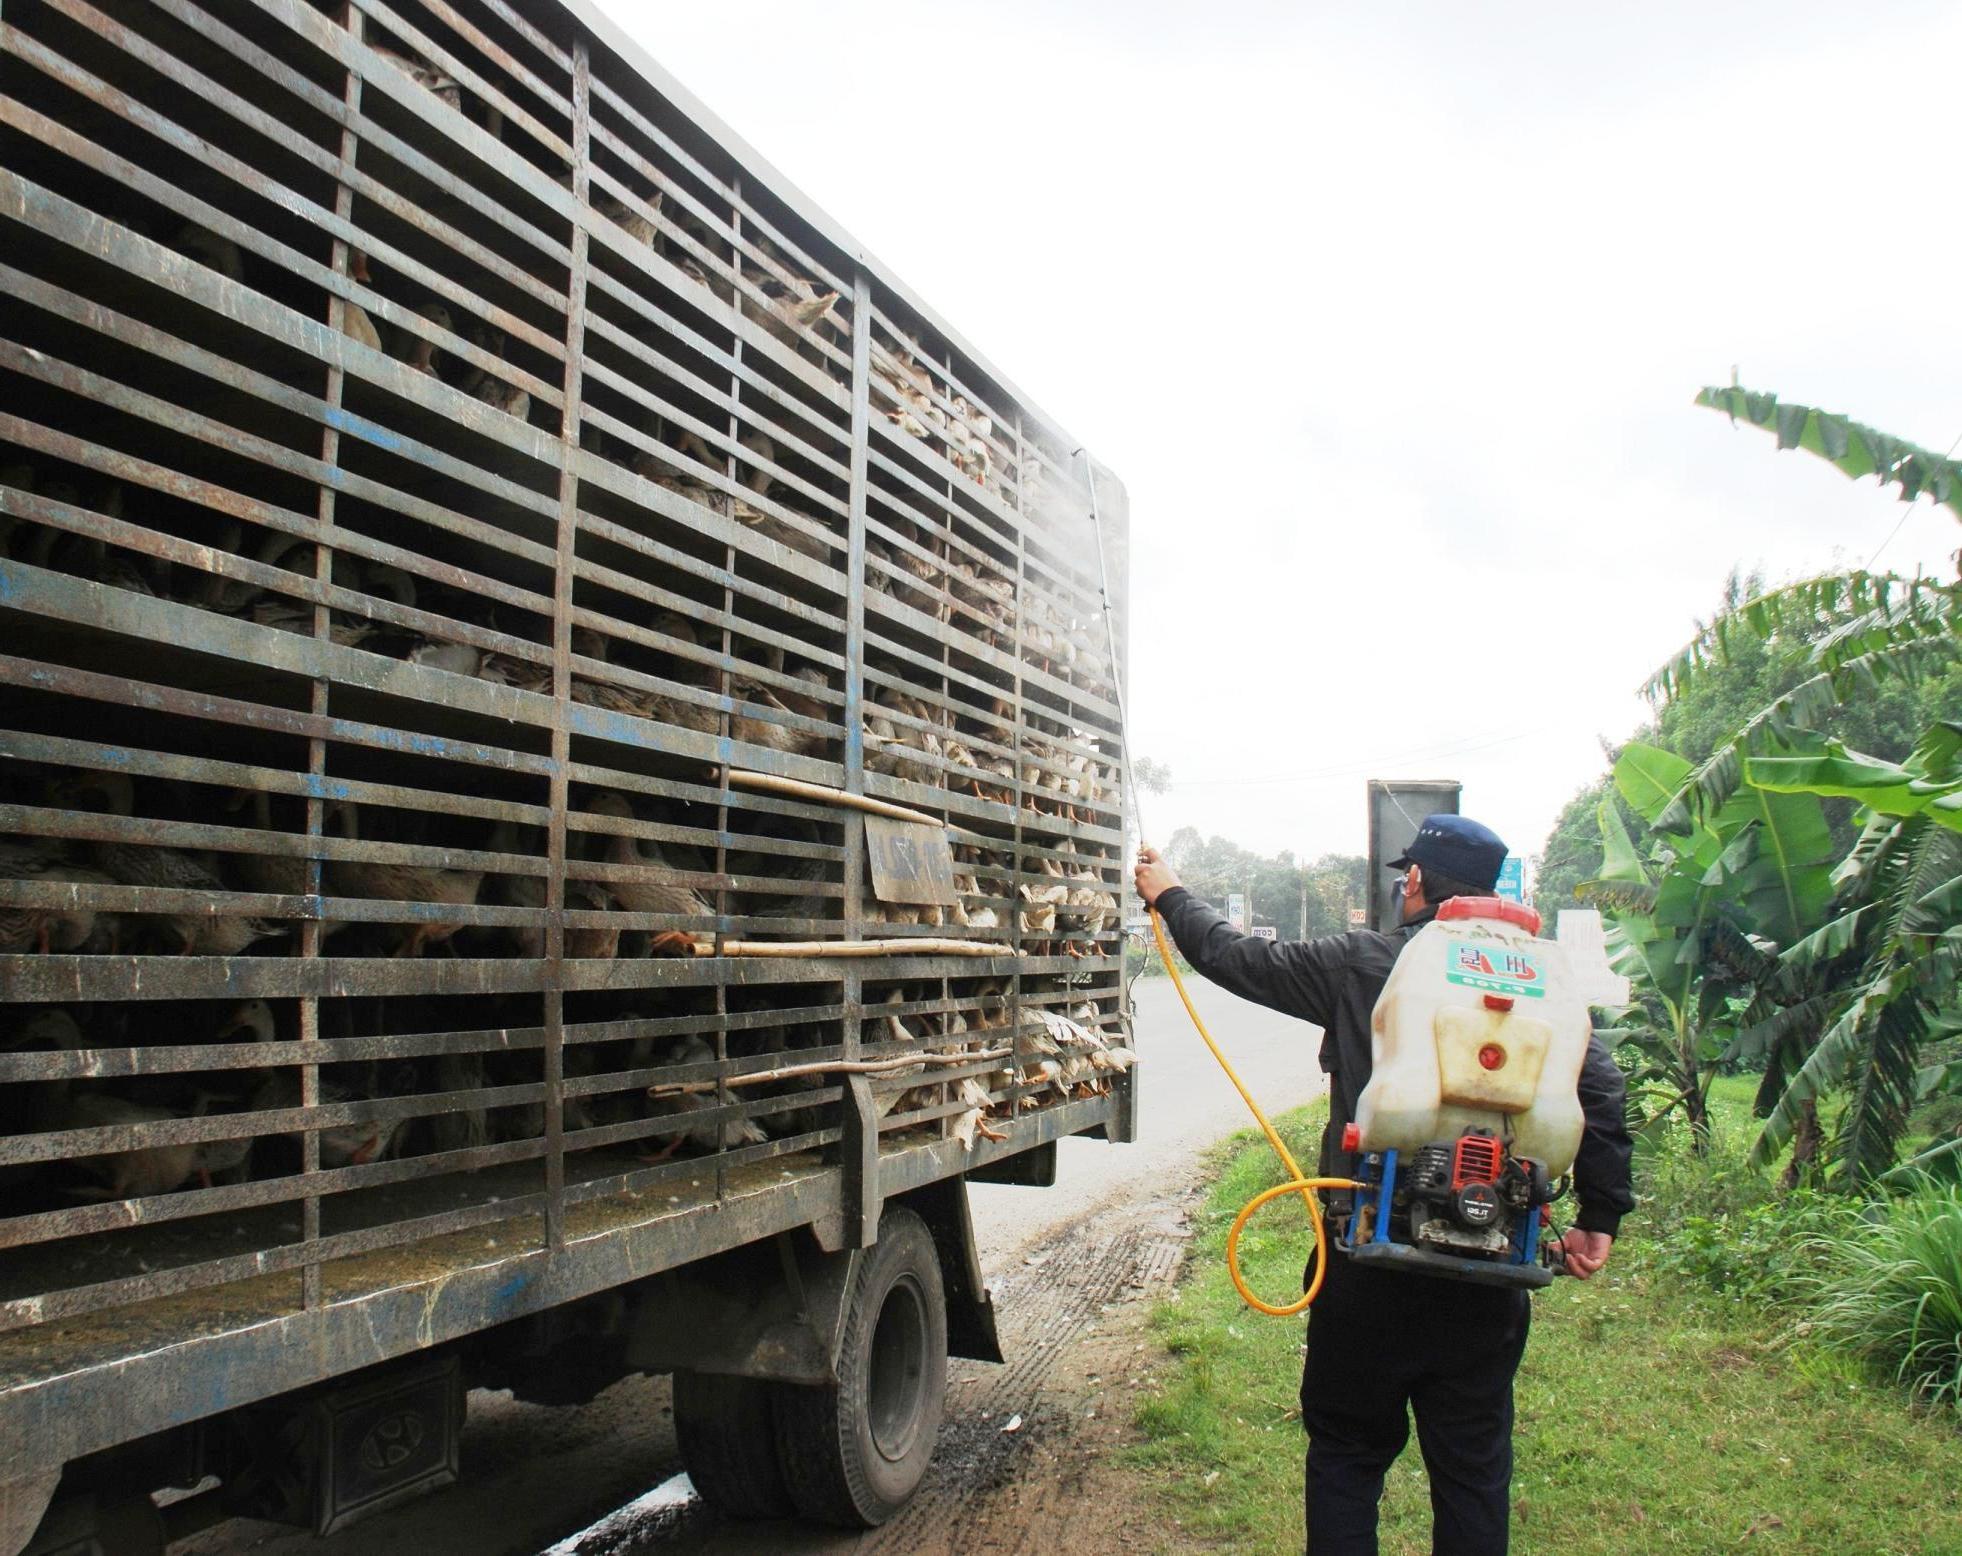 Cần kiểm soát chặt chẽ việc vận chuyển gia súc, gia cầm vào địa bàn tỉnh.